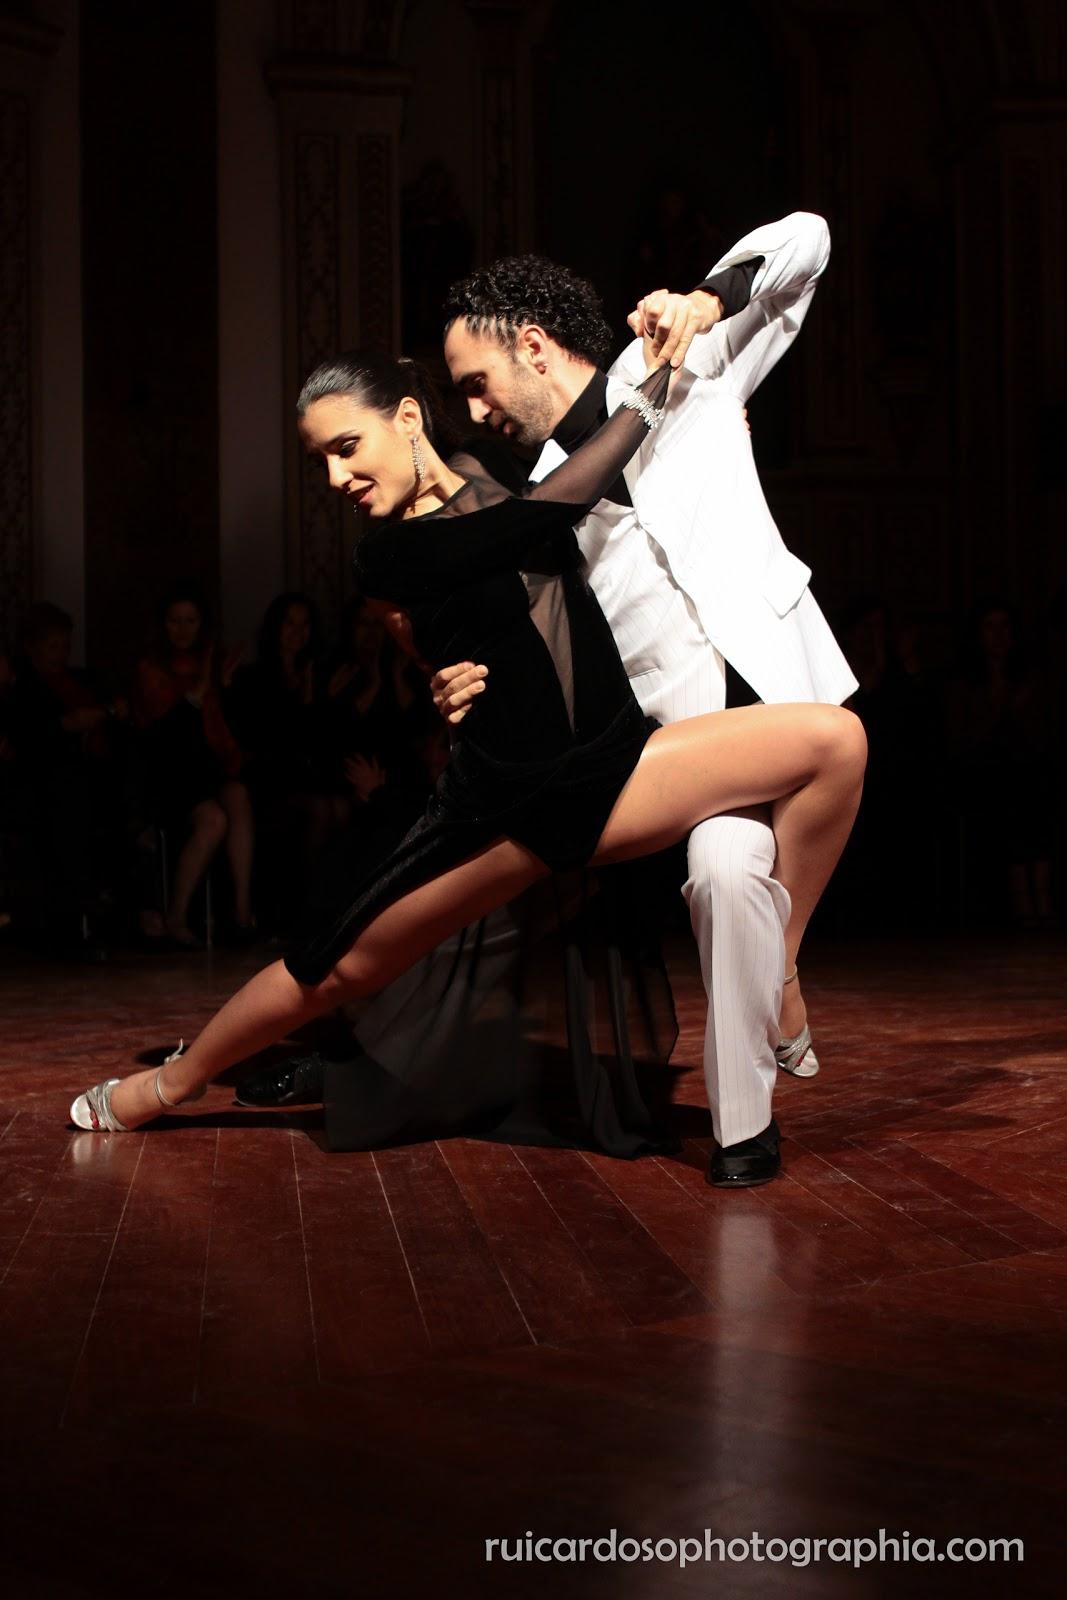 Reģistrācija tango nodarbībām RigaTangoWinterFest līdz 1